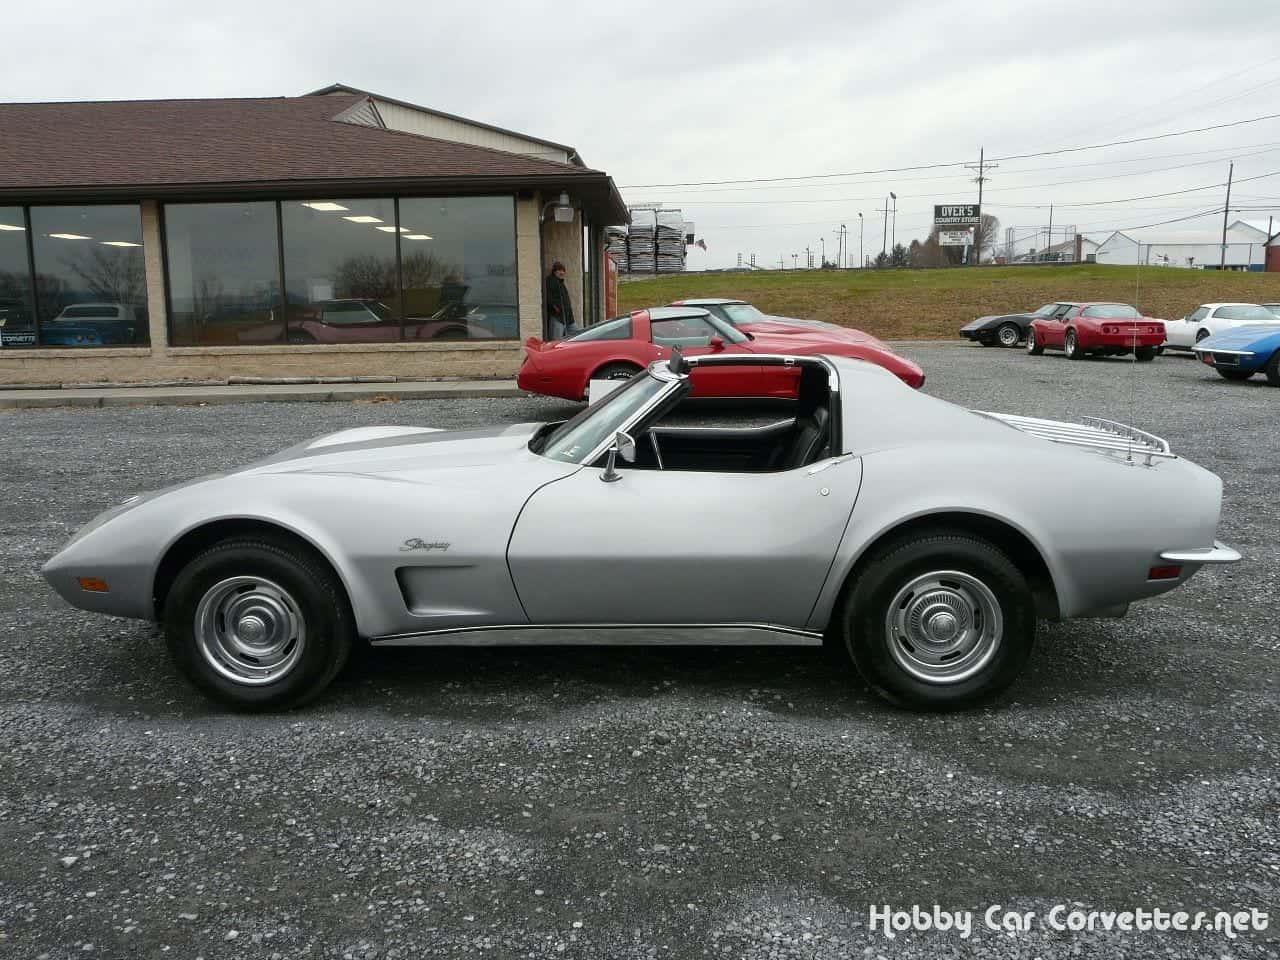 1973 Silver Corvette L82 Stingray T Top